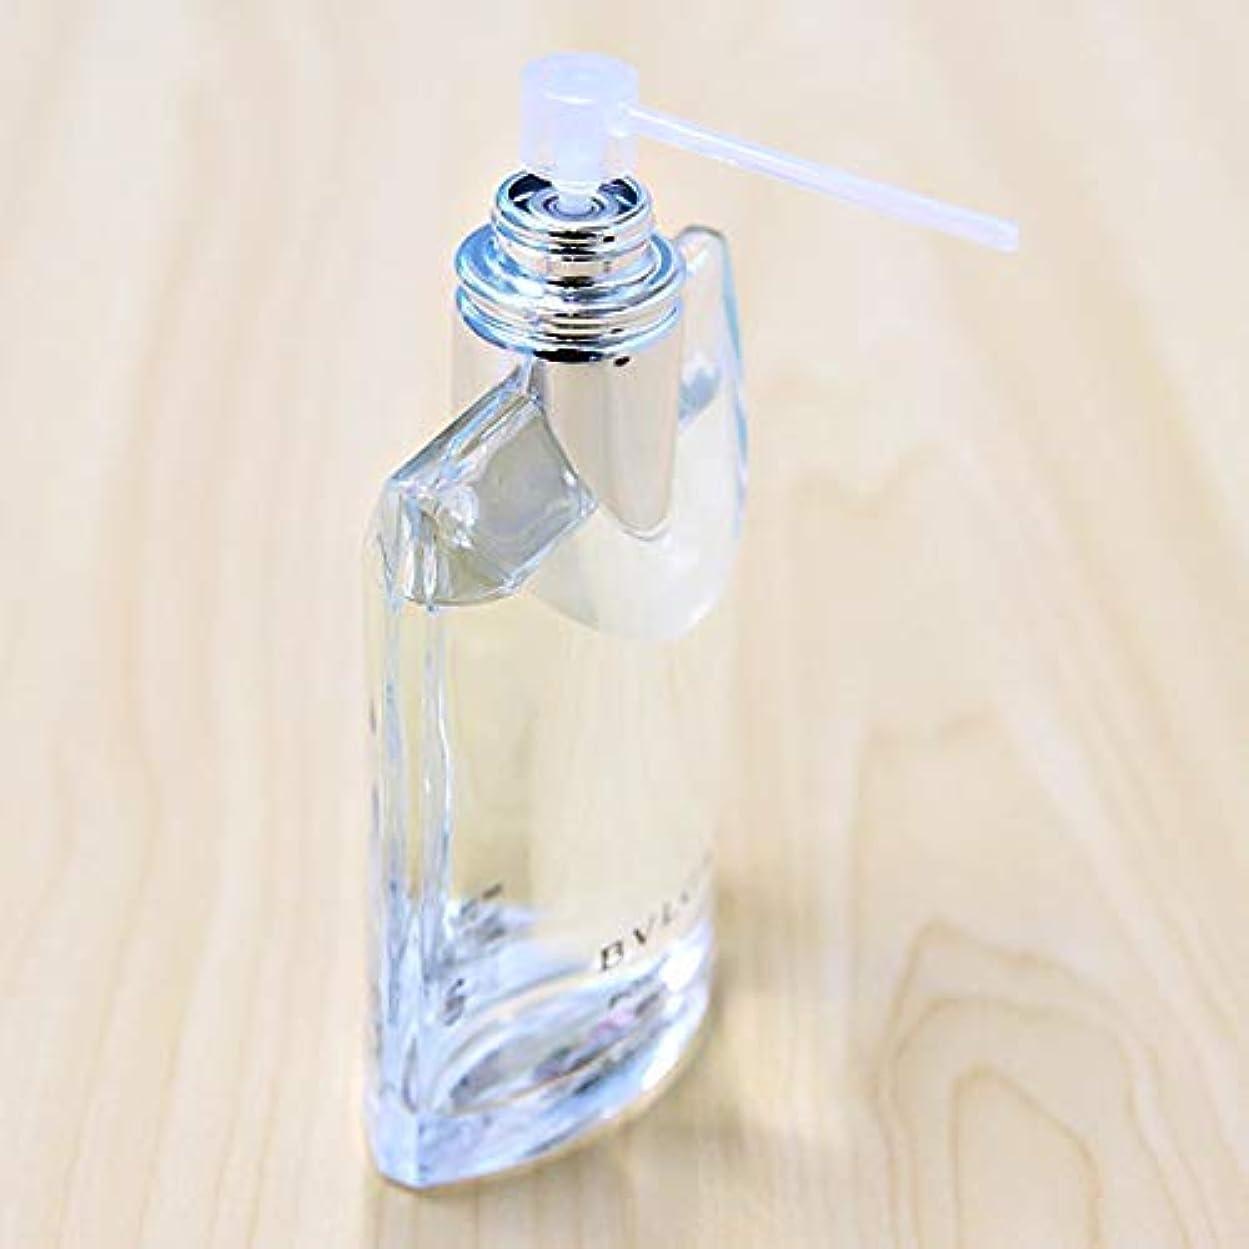 本物の前者セール【単品】 香水 詰め替え ノズル アトマイザー 簡単 詰め替え プッシュ ポンプ ストロー スプレーボトル